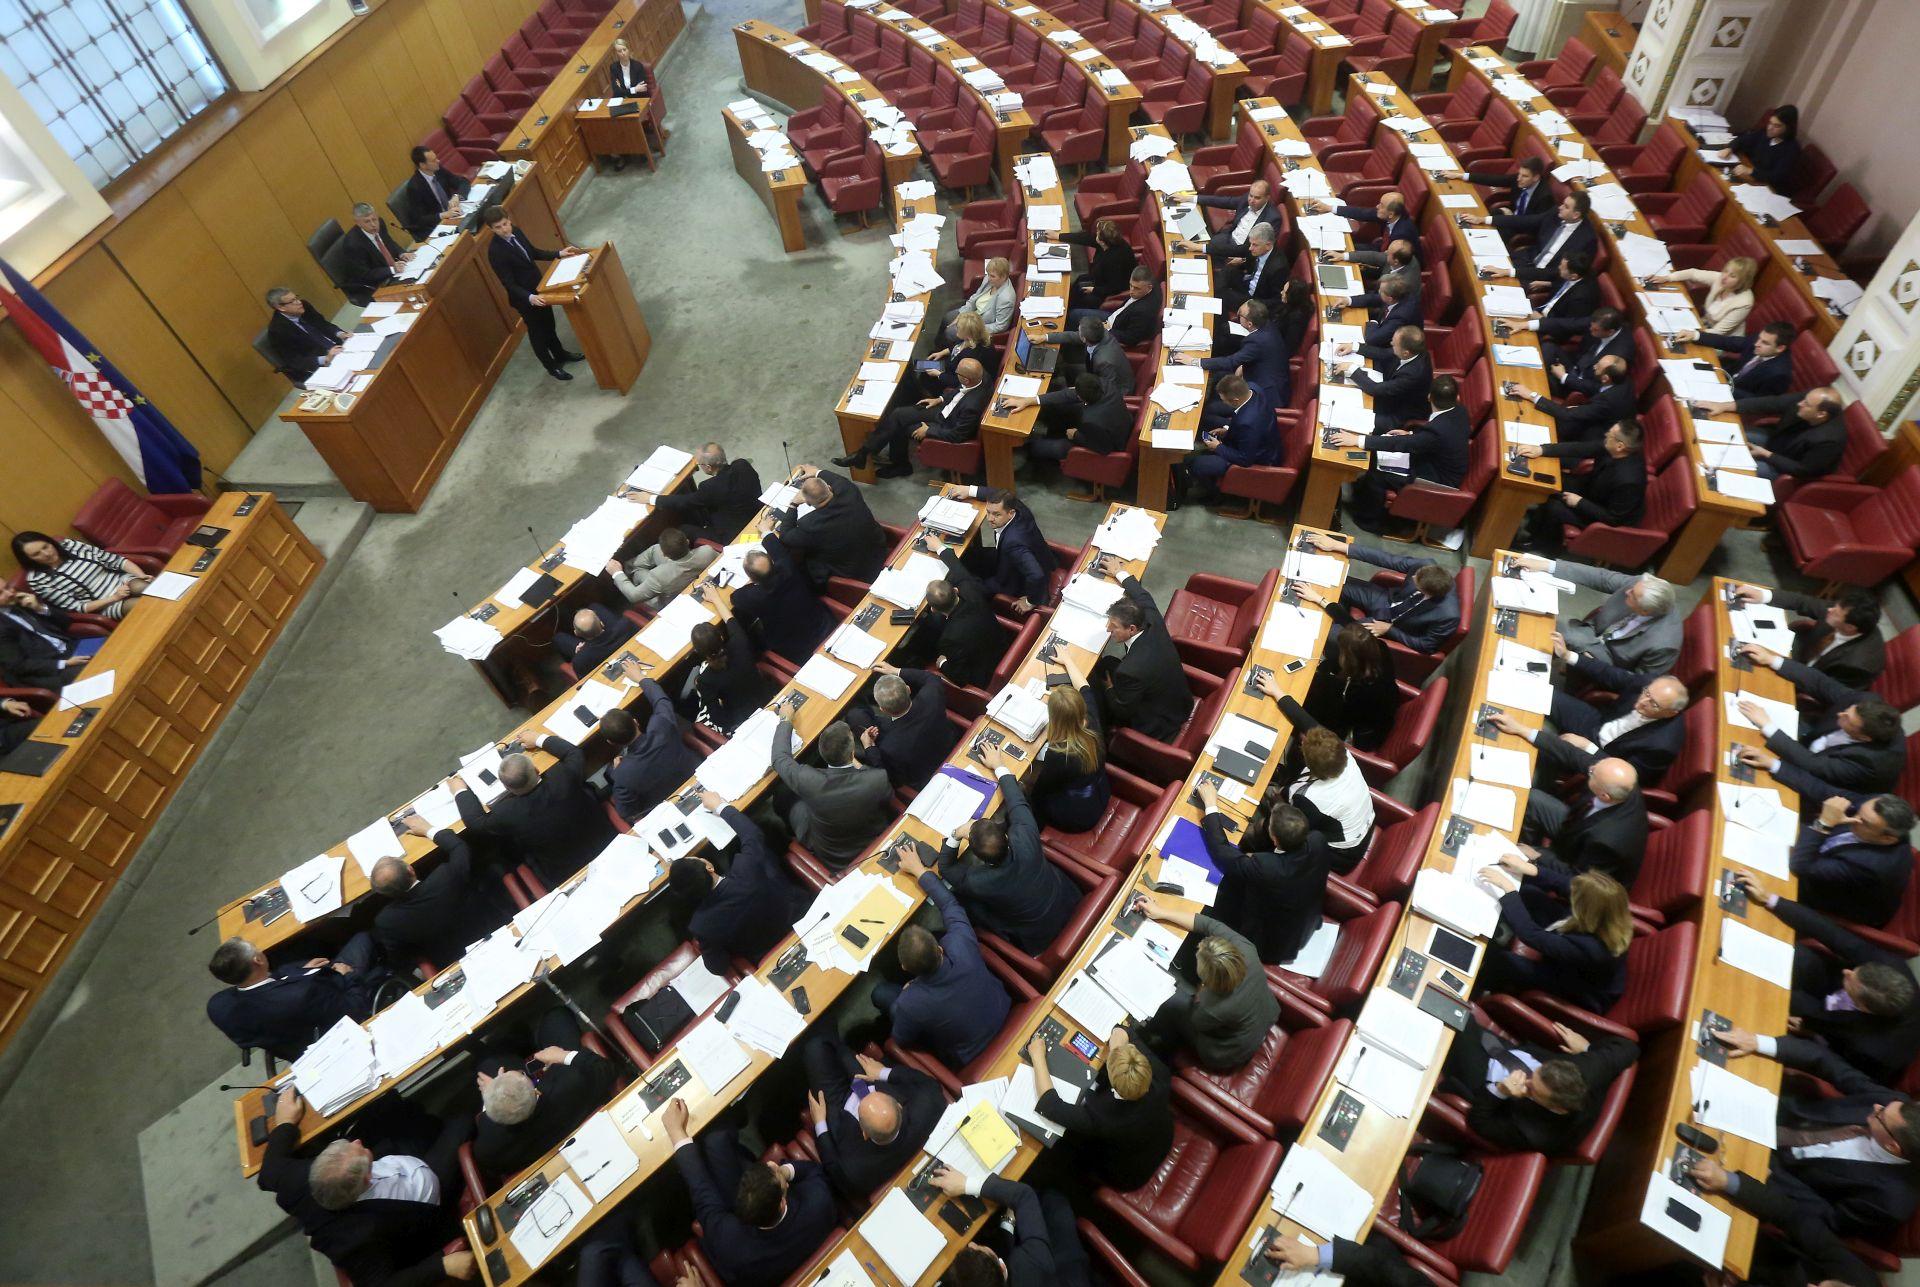 KUĆA LJUDSKIH PRAVA: 'Saborska odluka je izravan udarac vladajućih na ljudska prava'